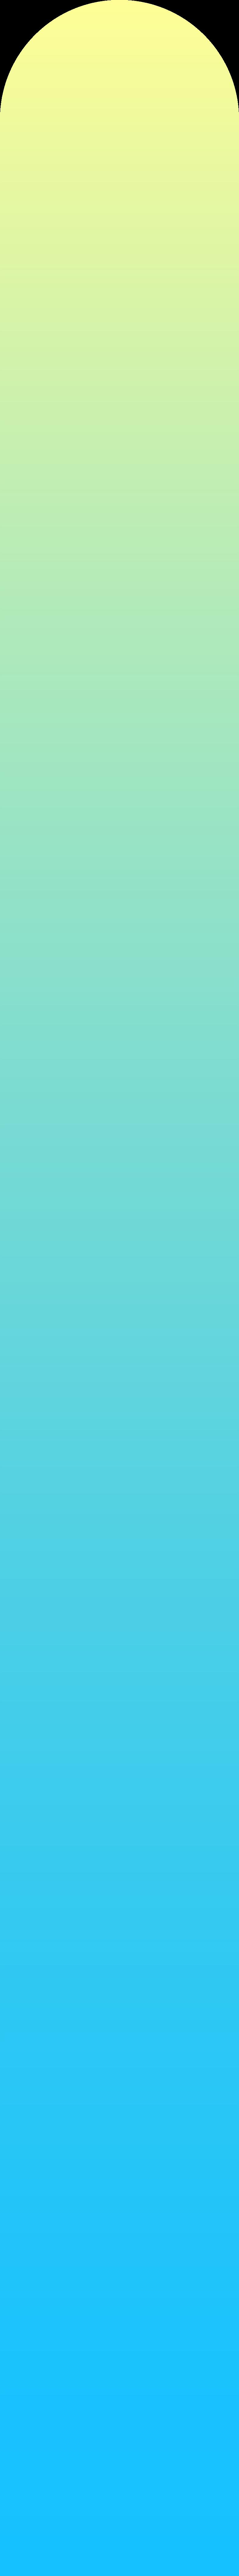 Imágenes vectoriales S nueva línea de carga grdnt en PNG y SVG estilo  | Ilustraciones Icons8